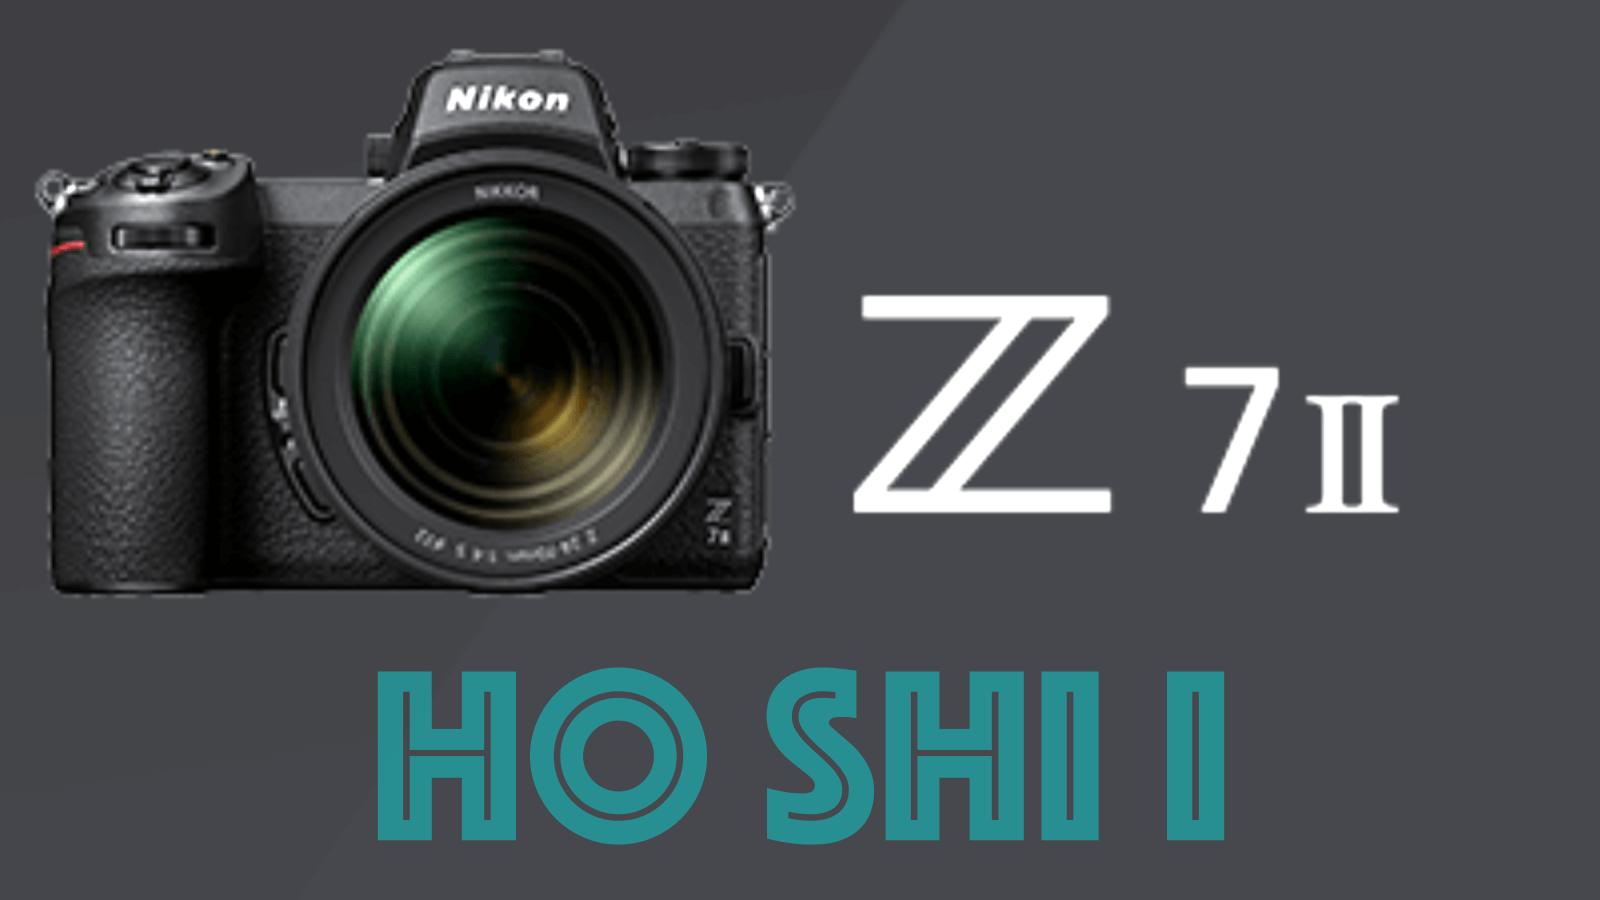 【ほしい】Nikon Z 7Ⅱがほしい(ほしい)